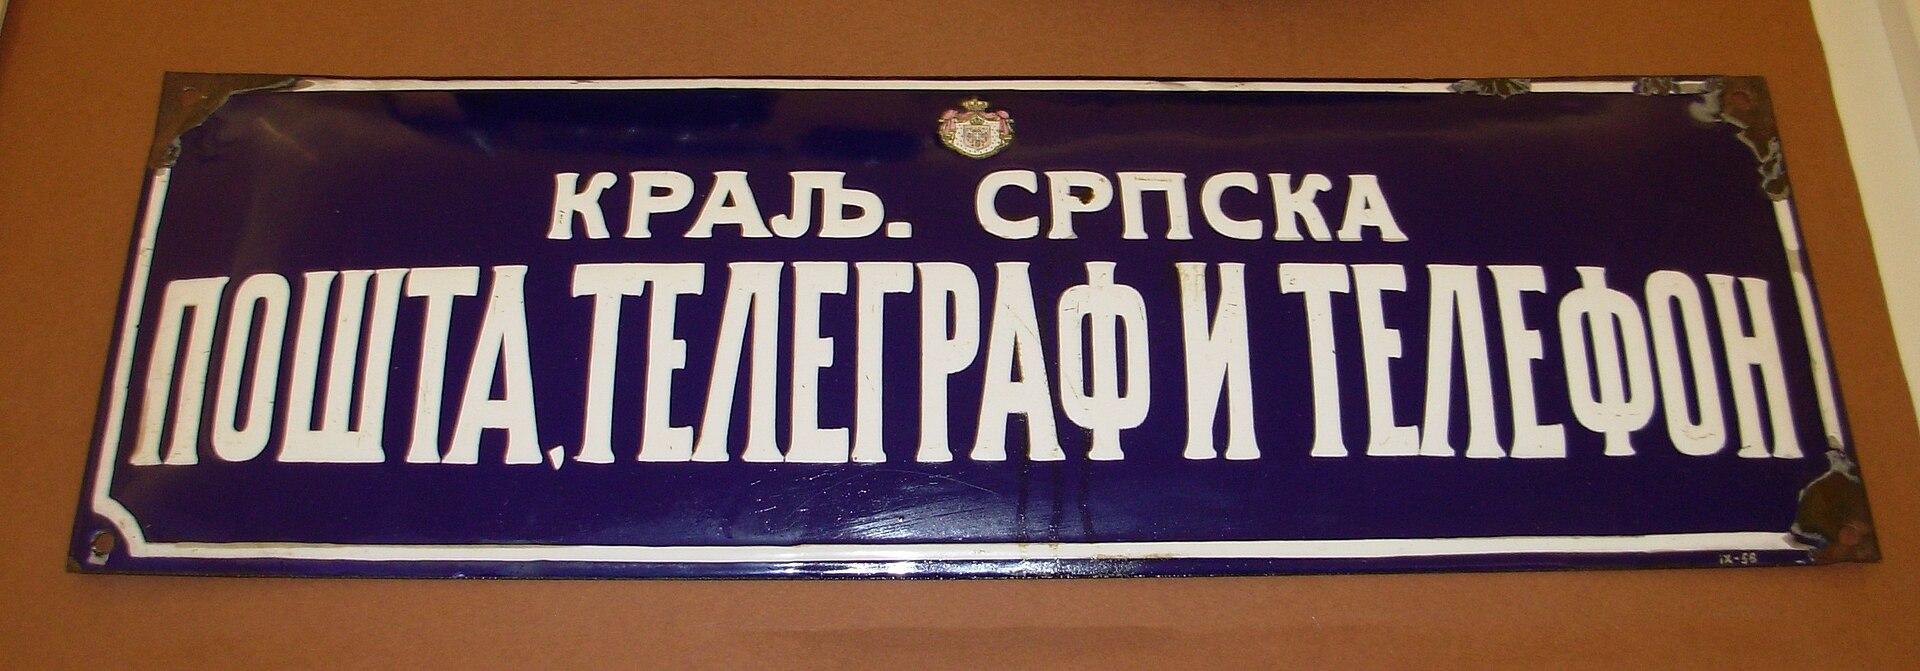 [Слика: 1920px-Kraljevski_srpski_PTT.JPG]